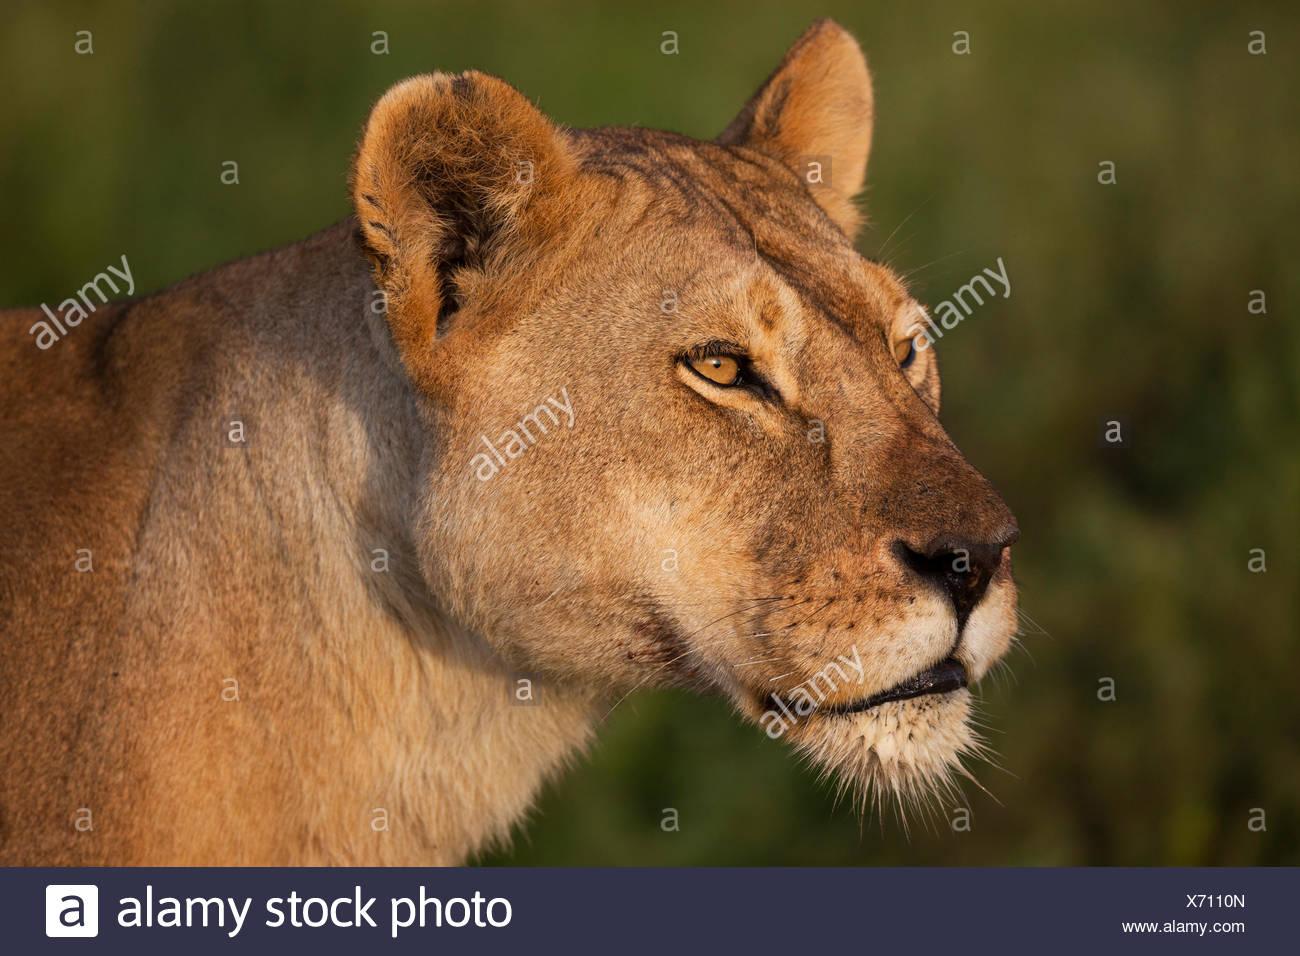 Lioness (Panthera leo), portrait, Serengeti, Tanzania - Stock Image